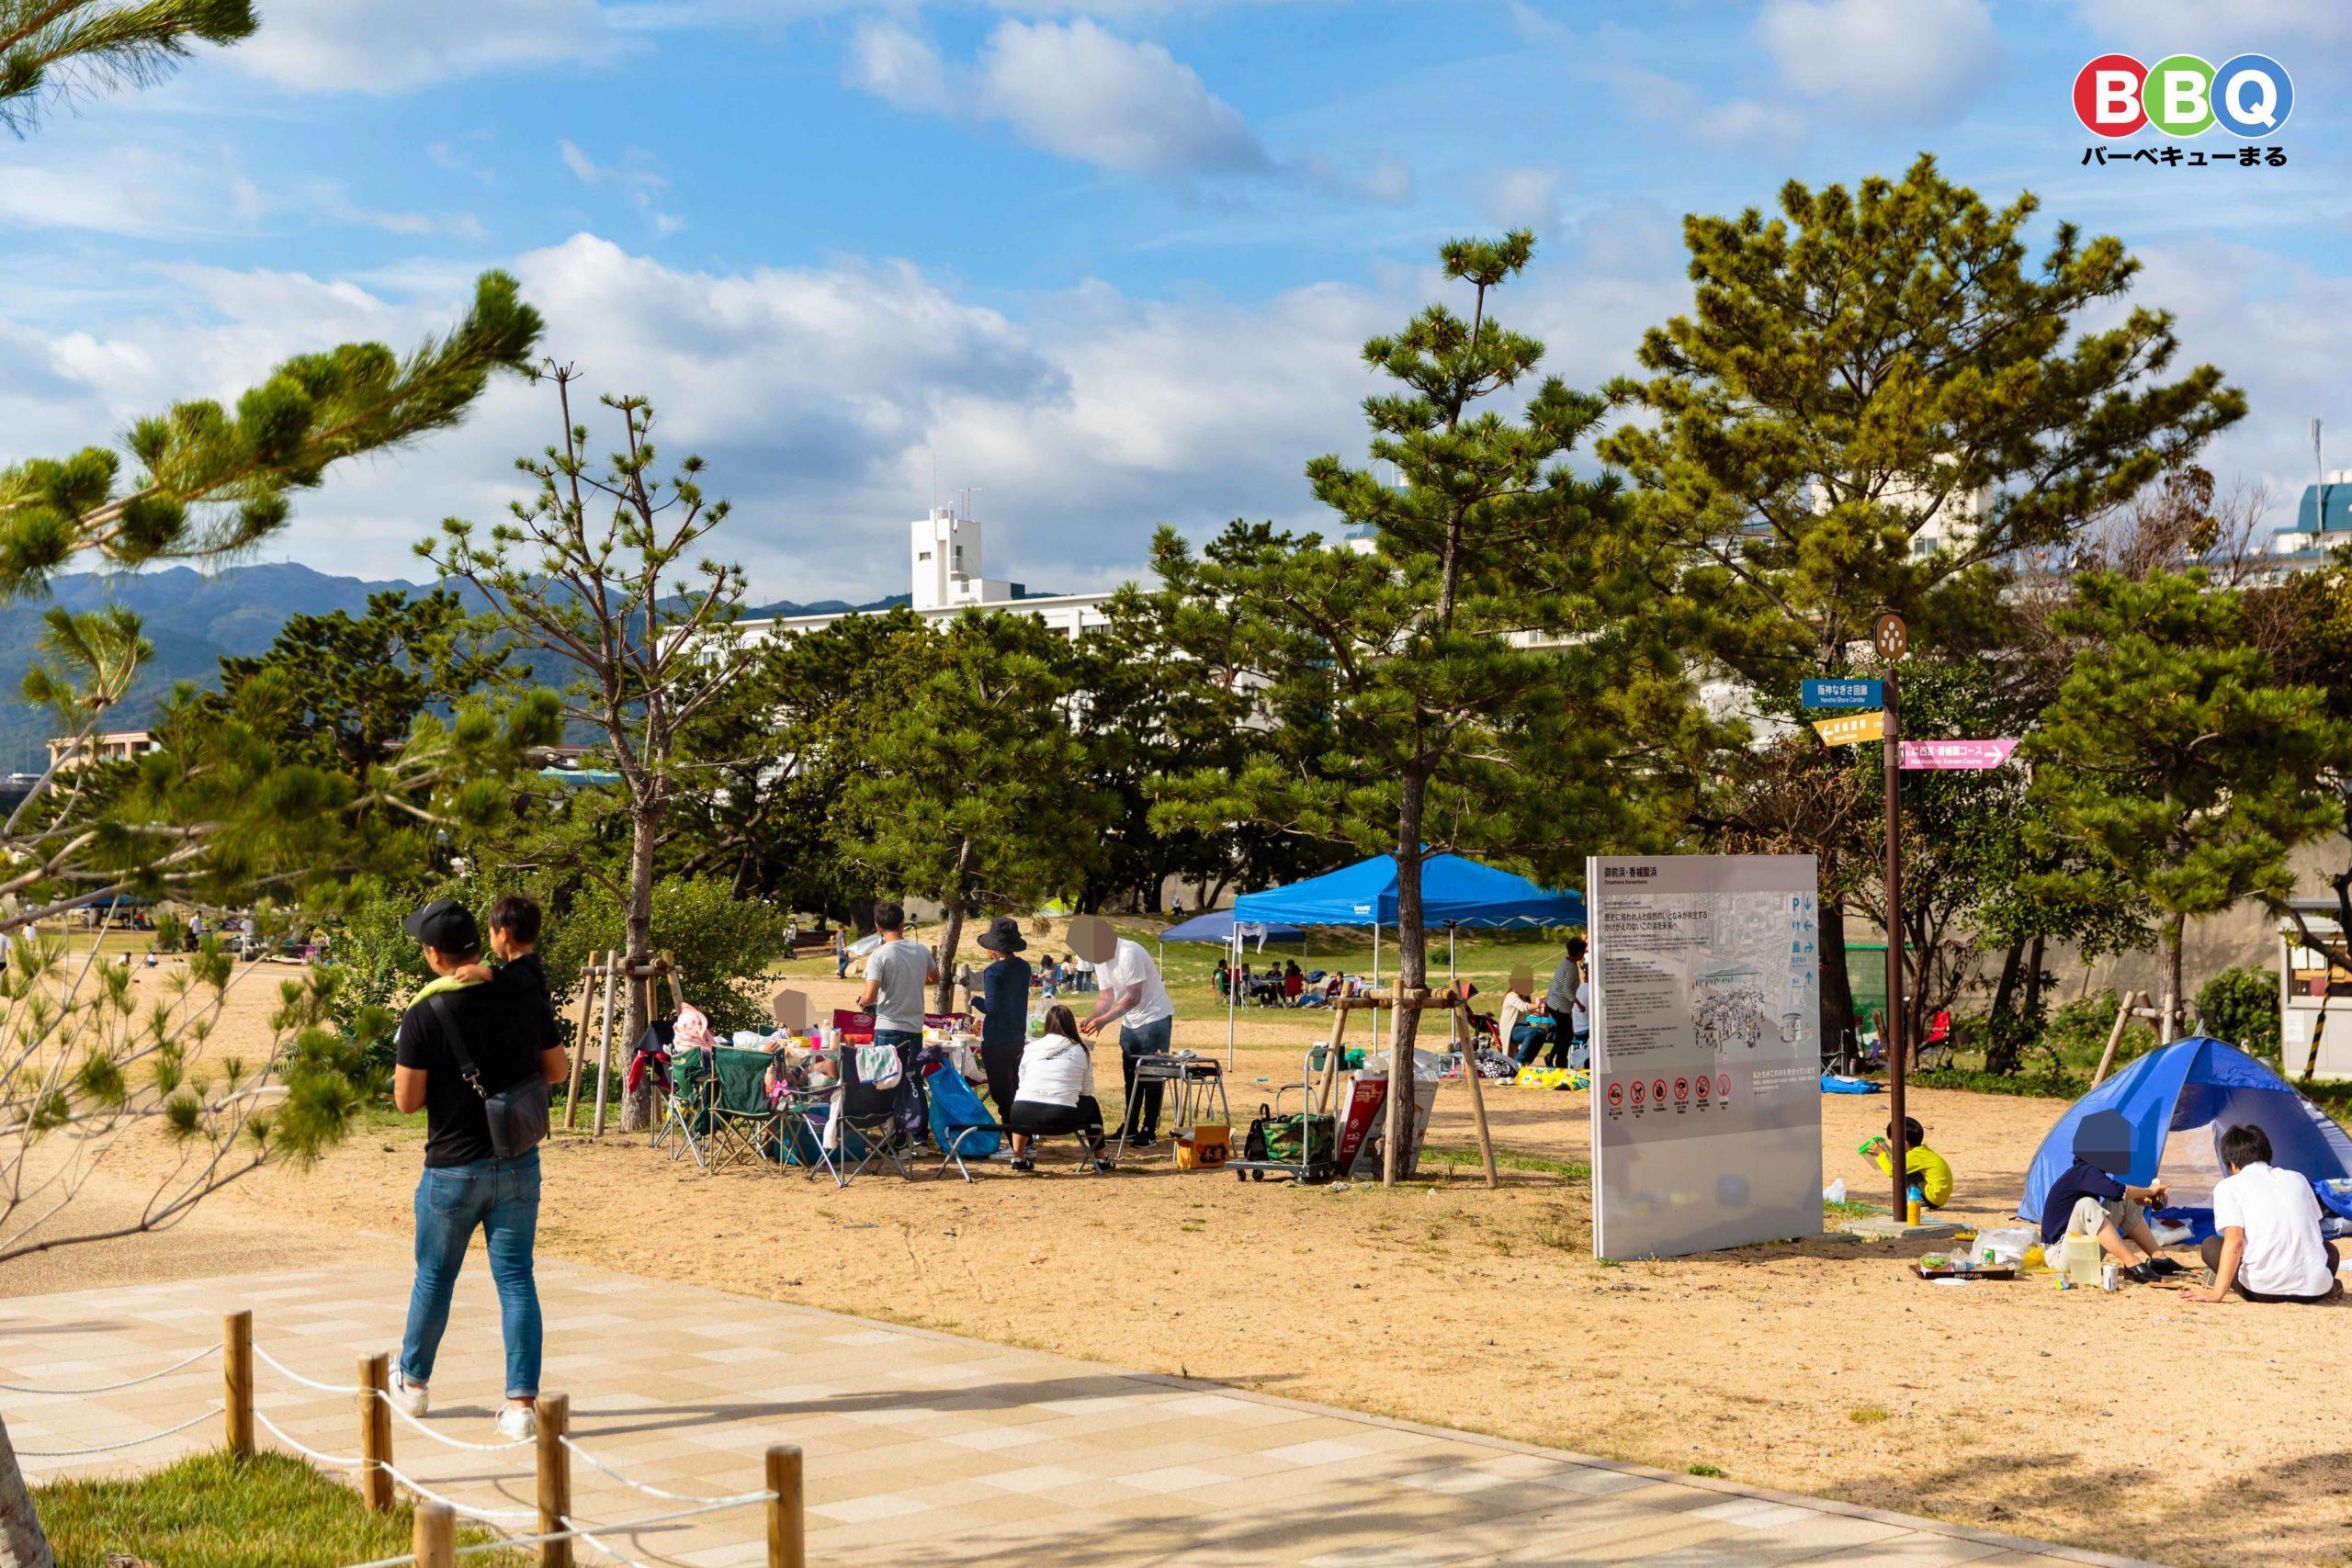 御前浜公園のエントランスゾーンでバーベキューを楽しむ人達